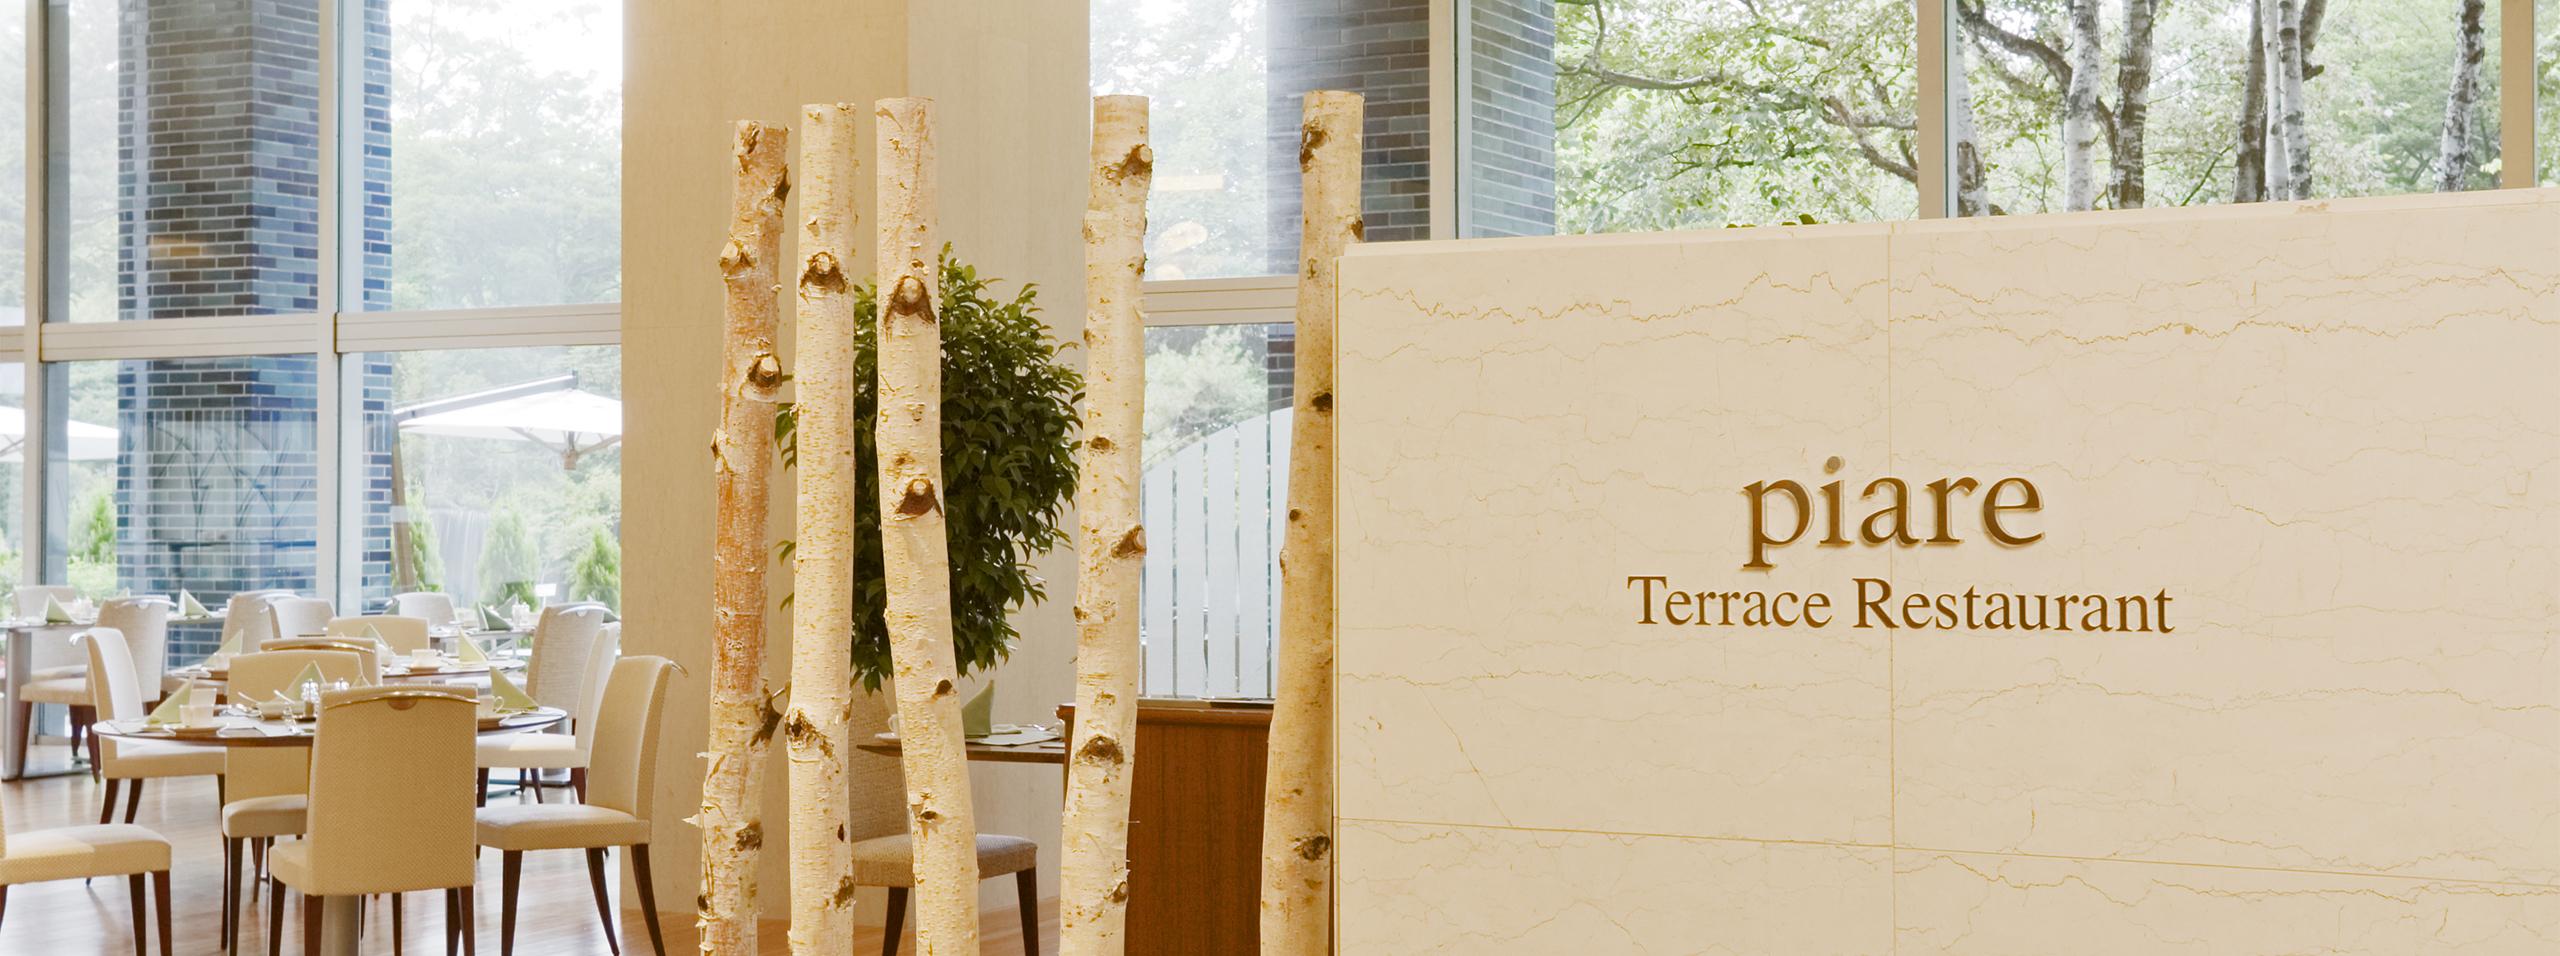 Terrace Restaurant Piare 1F